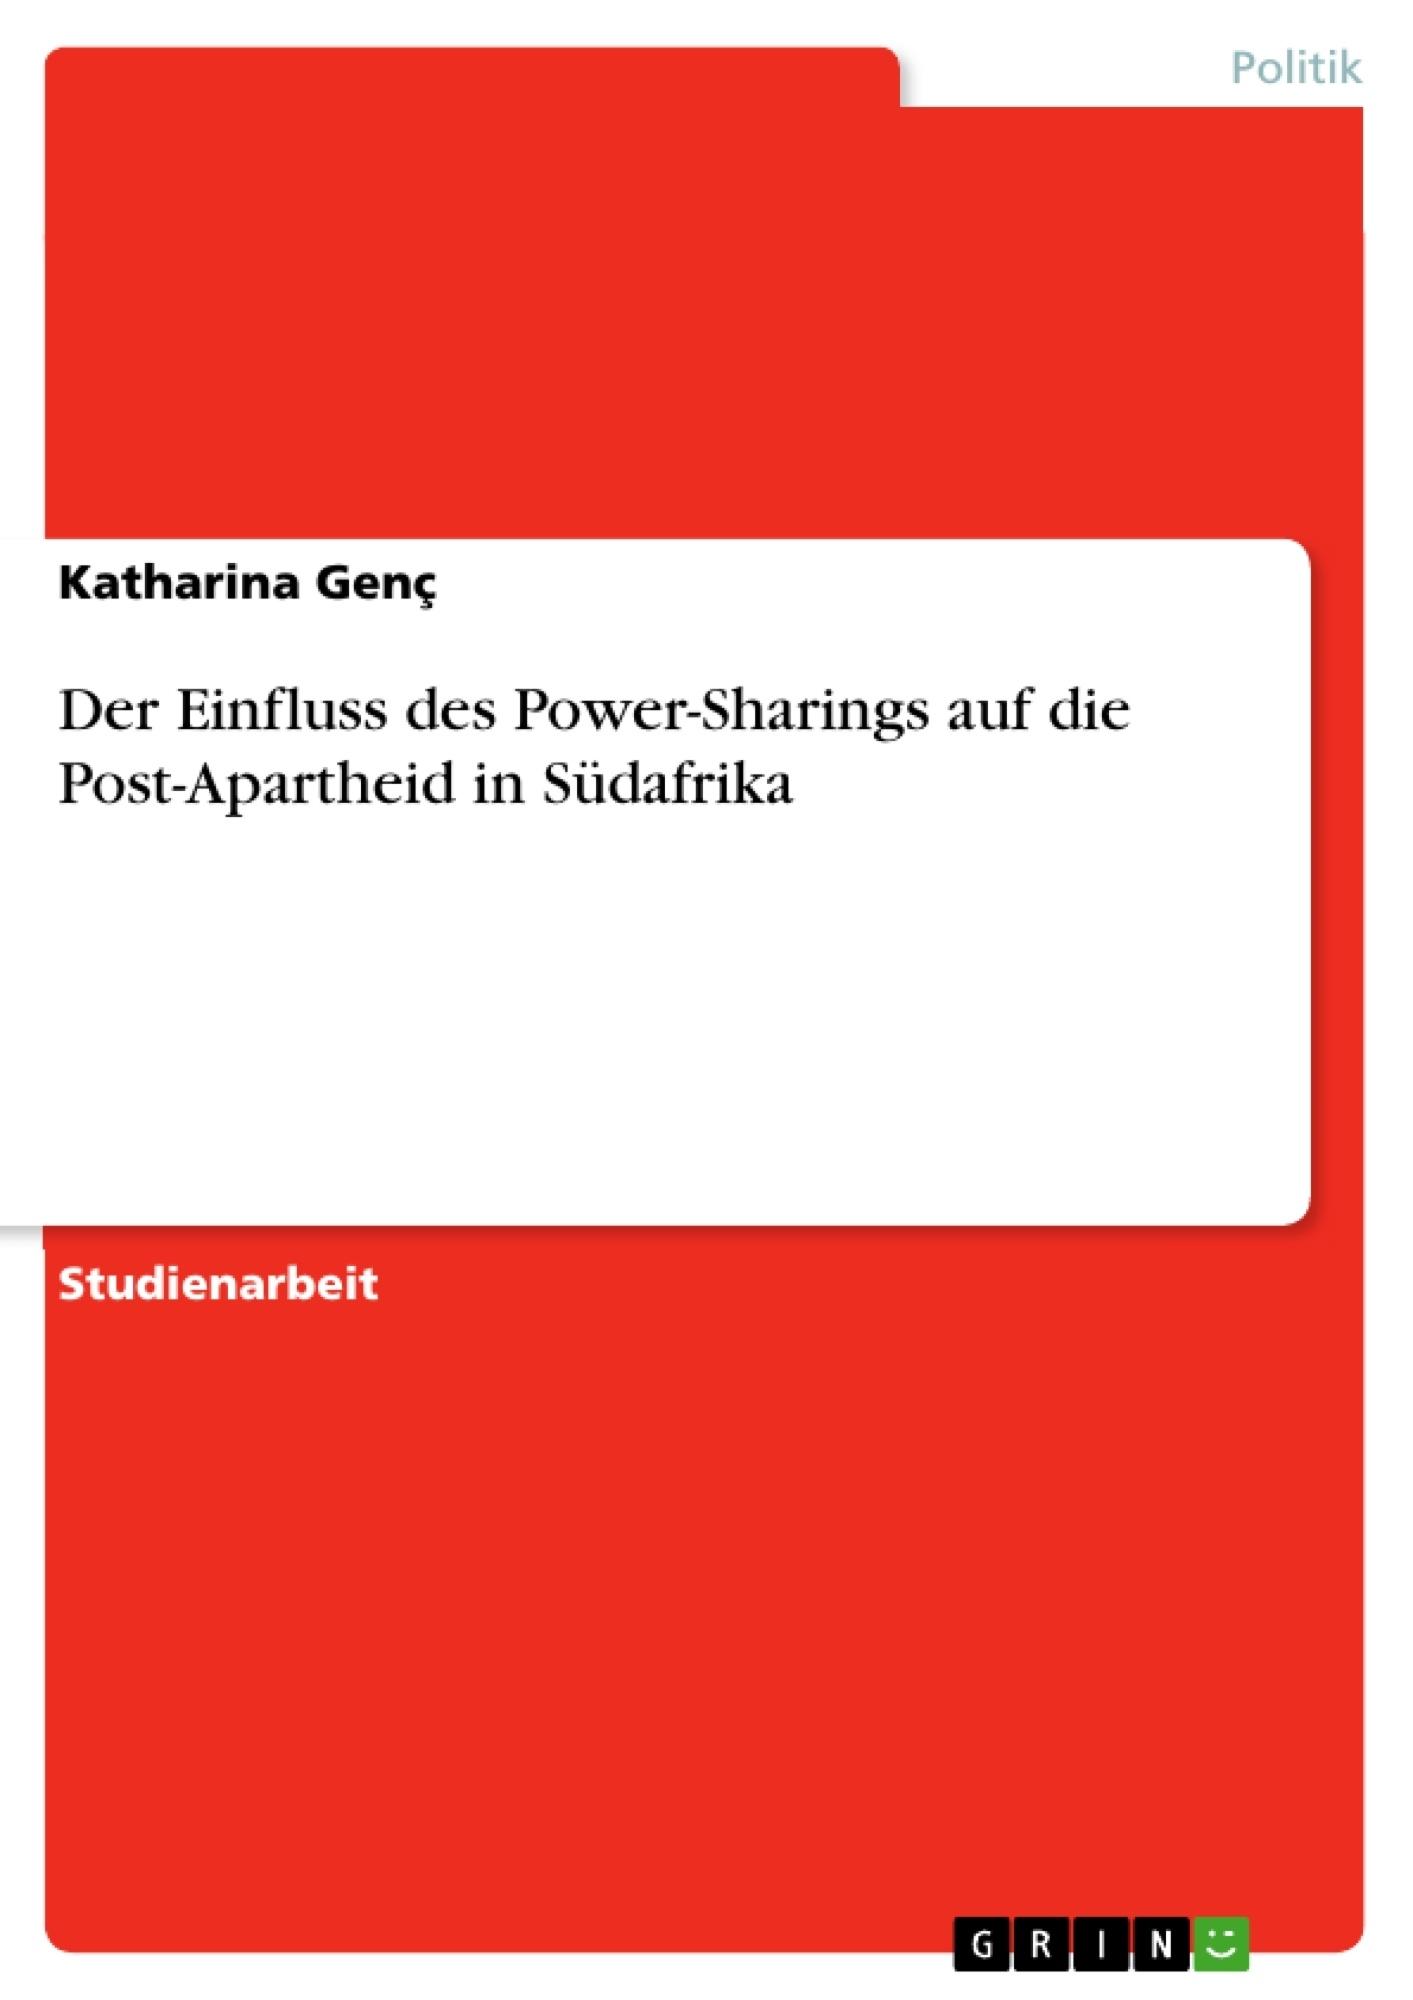 Titel: Der Einfluss des Power-Sharings auf die Post-Apartheid in Südafrika